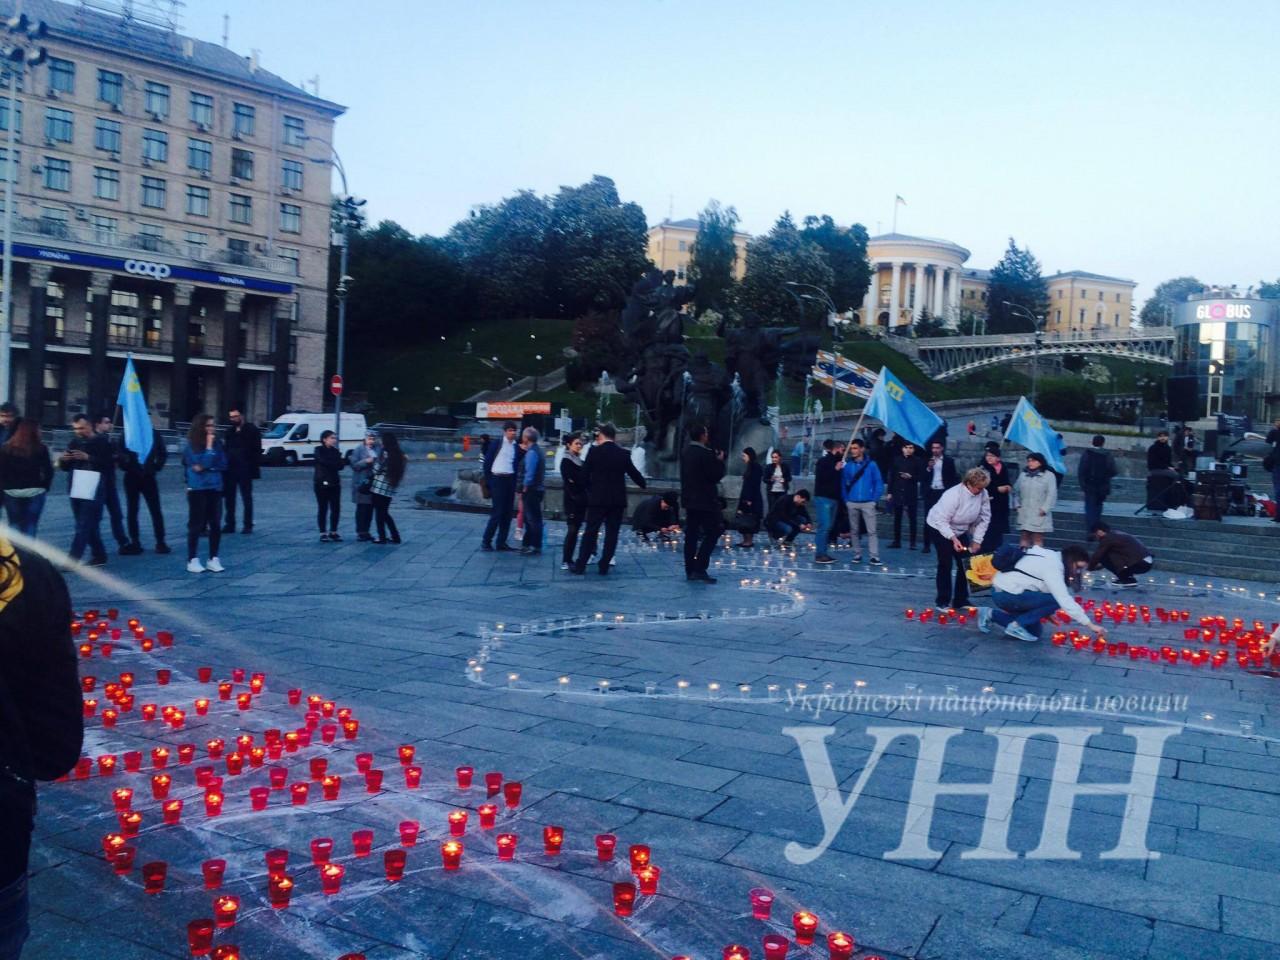 Сьогодні вшановують пам'ять жертв геноциду кримськотатарського народу